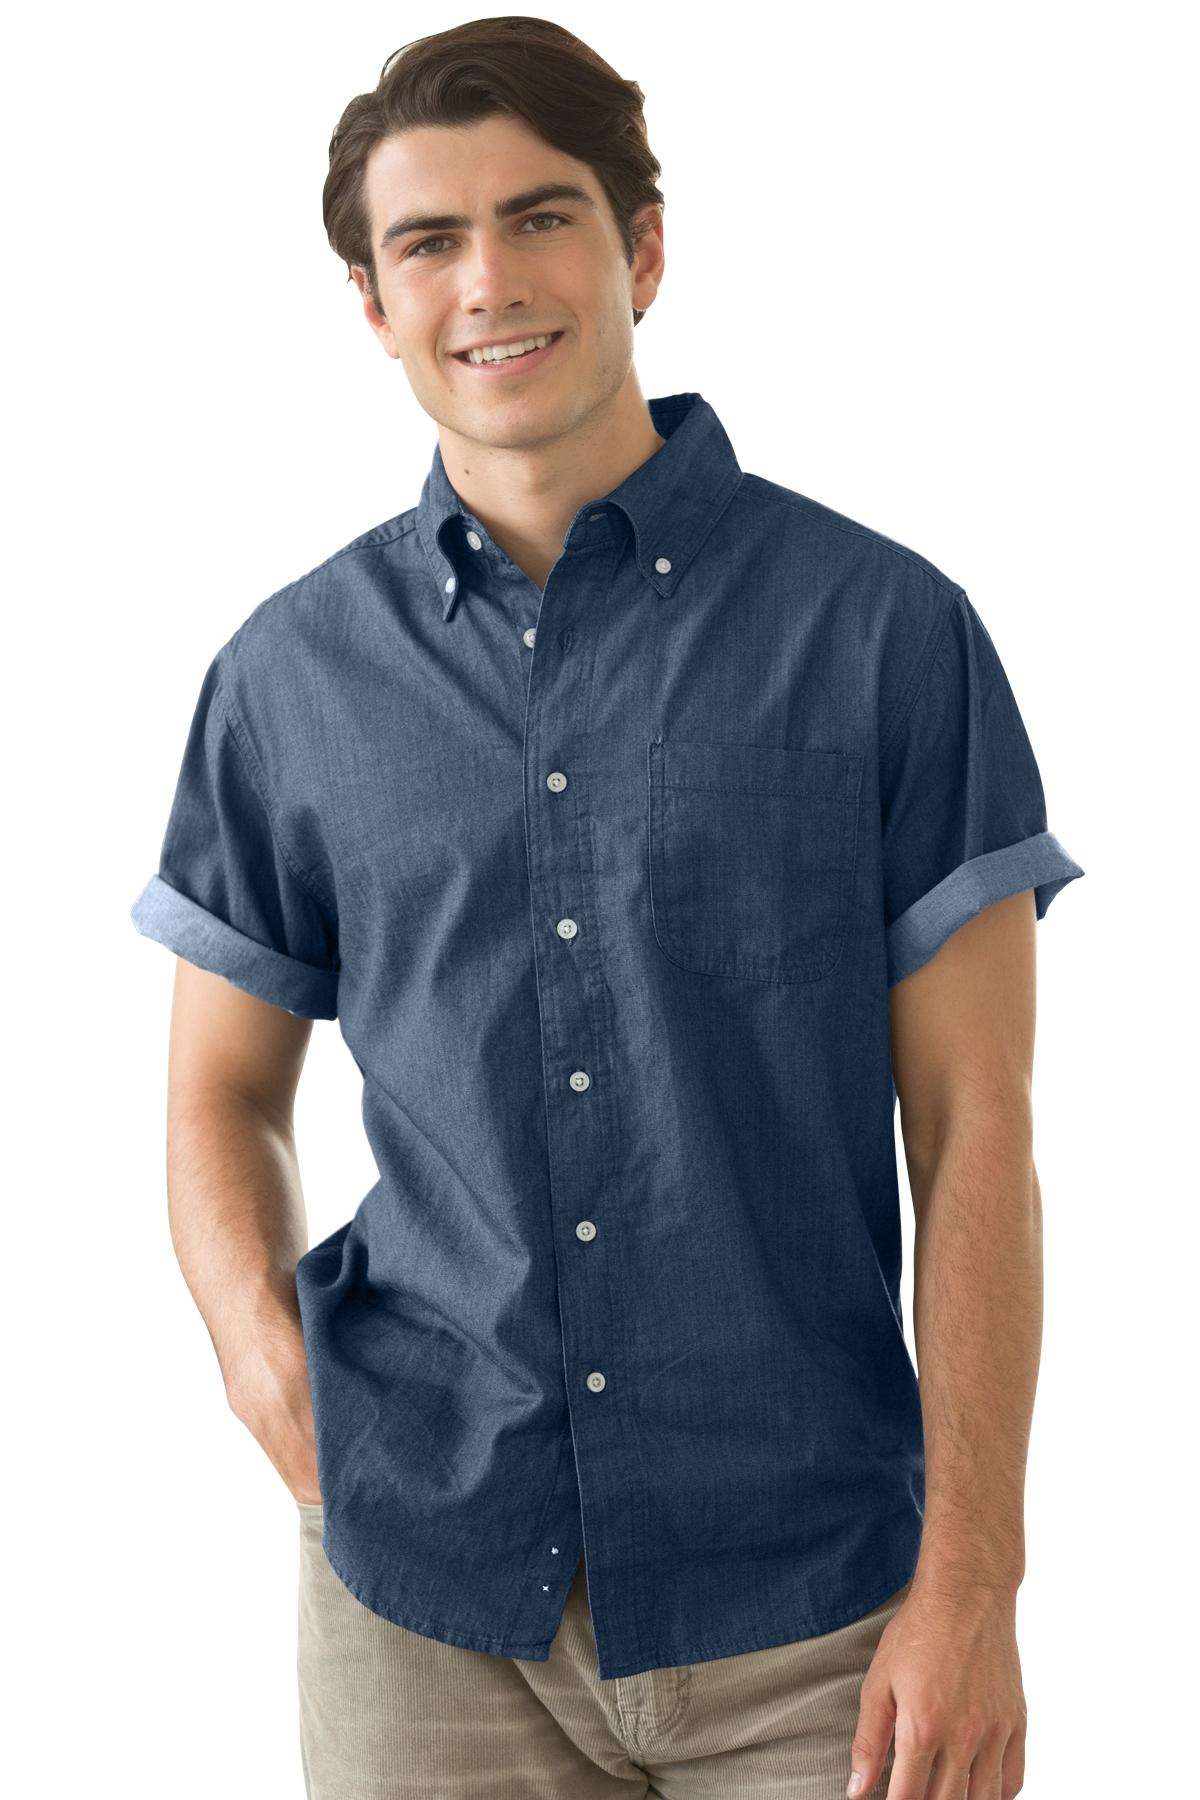 Vantage 1977S - Men's Short-Sleeve Hudson Denim Shirt